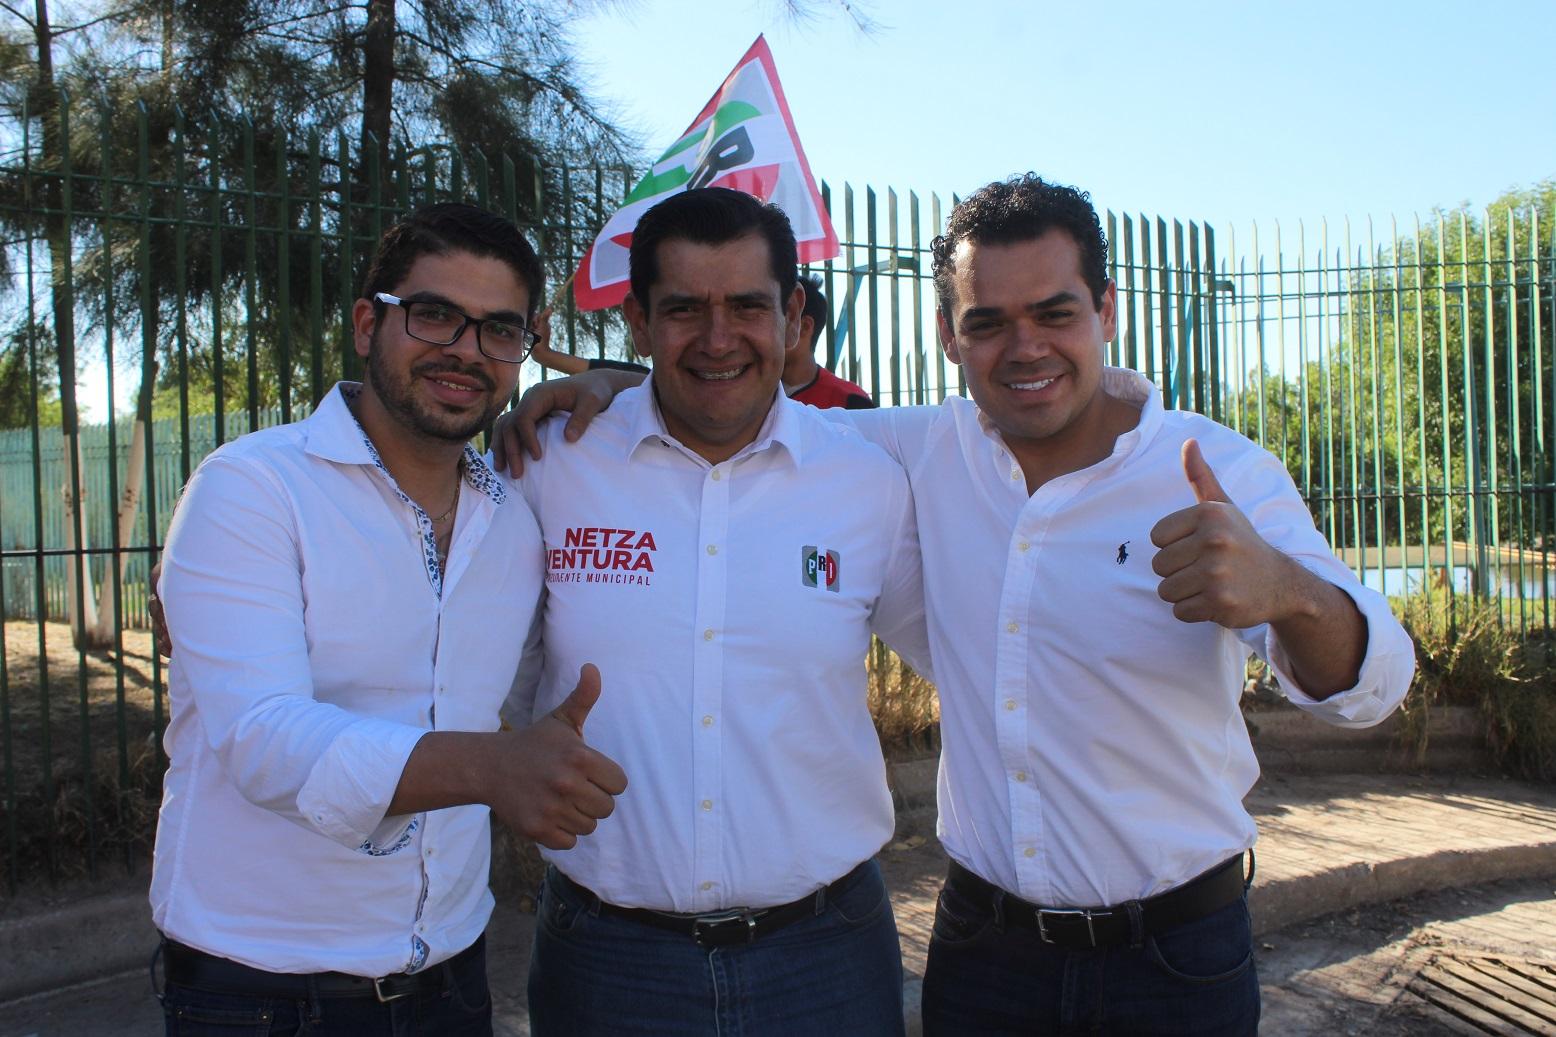 EL PRI CON COMPROMISO, PARTICIPACIÓN E INCLUSIÓN POLÍTICA DE LOS JÓVENES EN EL ACTUAL PROCESO ELECTORAL 2019.